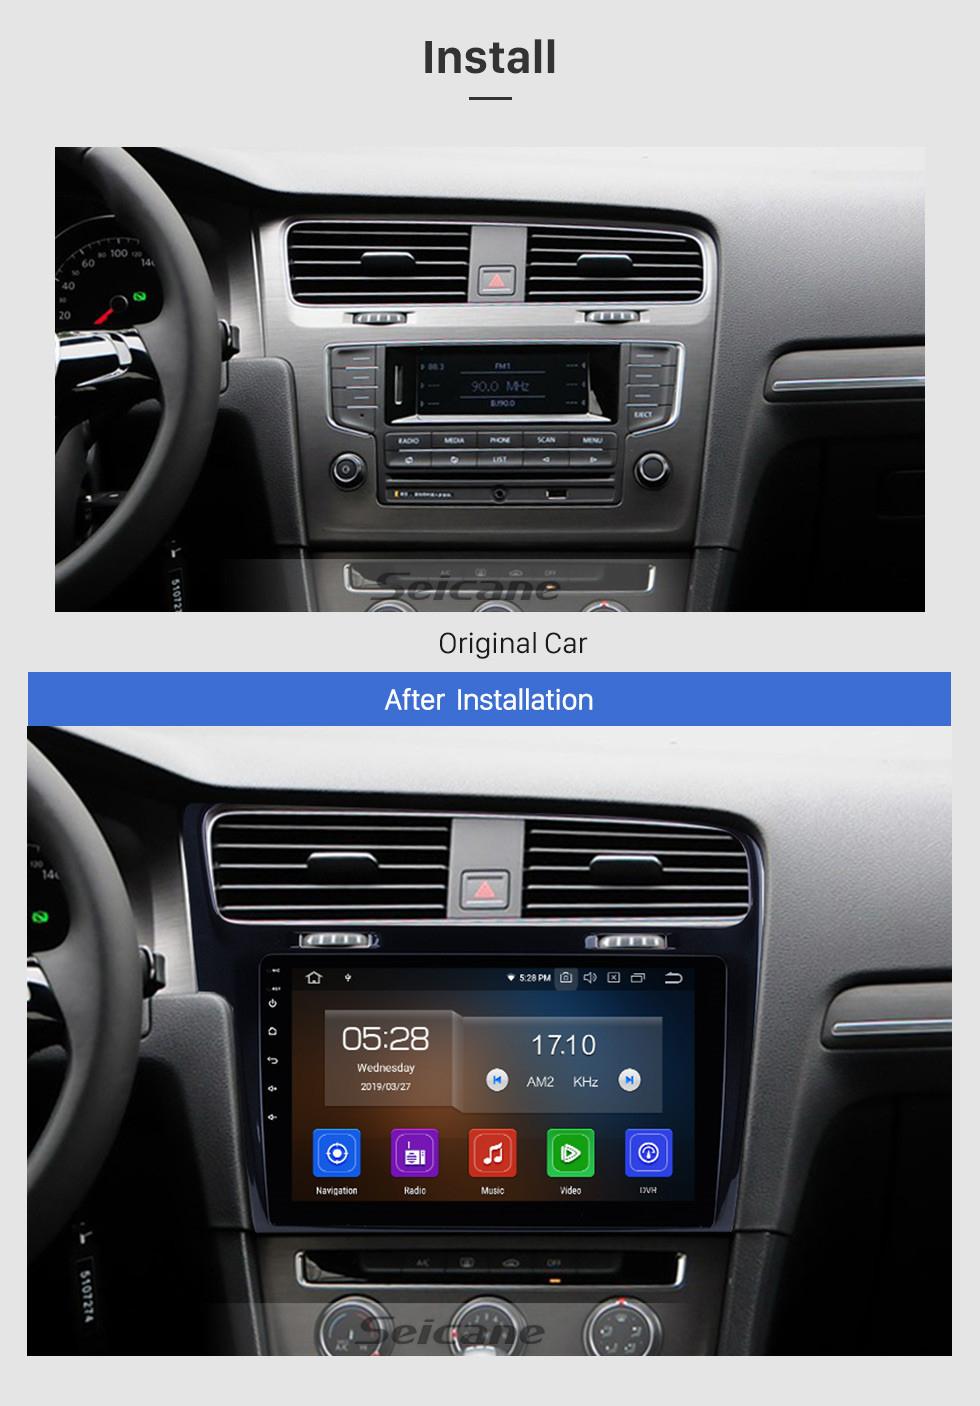 Seicane 10.1 polegadas Para 2013 2014 2015 VW Volkswagen Golf 7 Android 10.0 Rádio Navegação GPS Estéreo do carro com 1024 * 600 Touchscreen Mirror Link OBD2 Câmera de Retrovisor de Controle de Volante